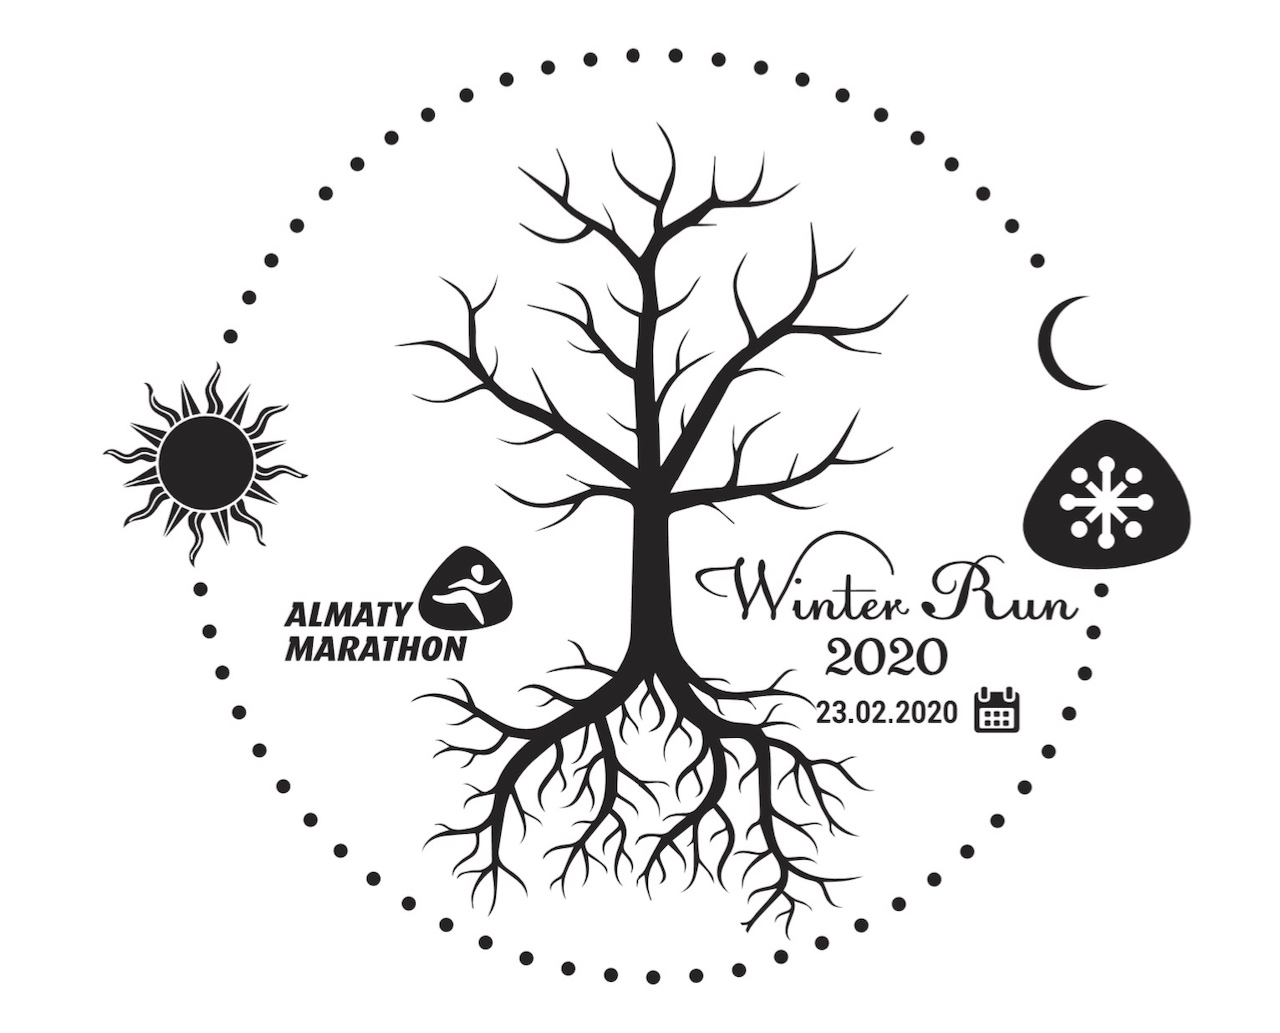 Winter Run 2020